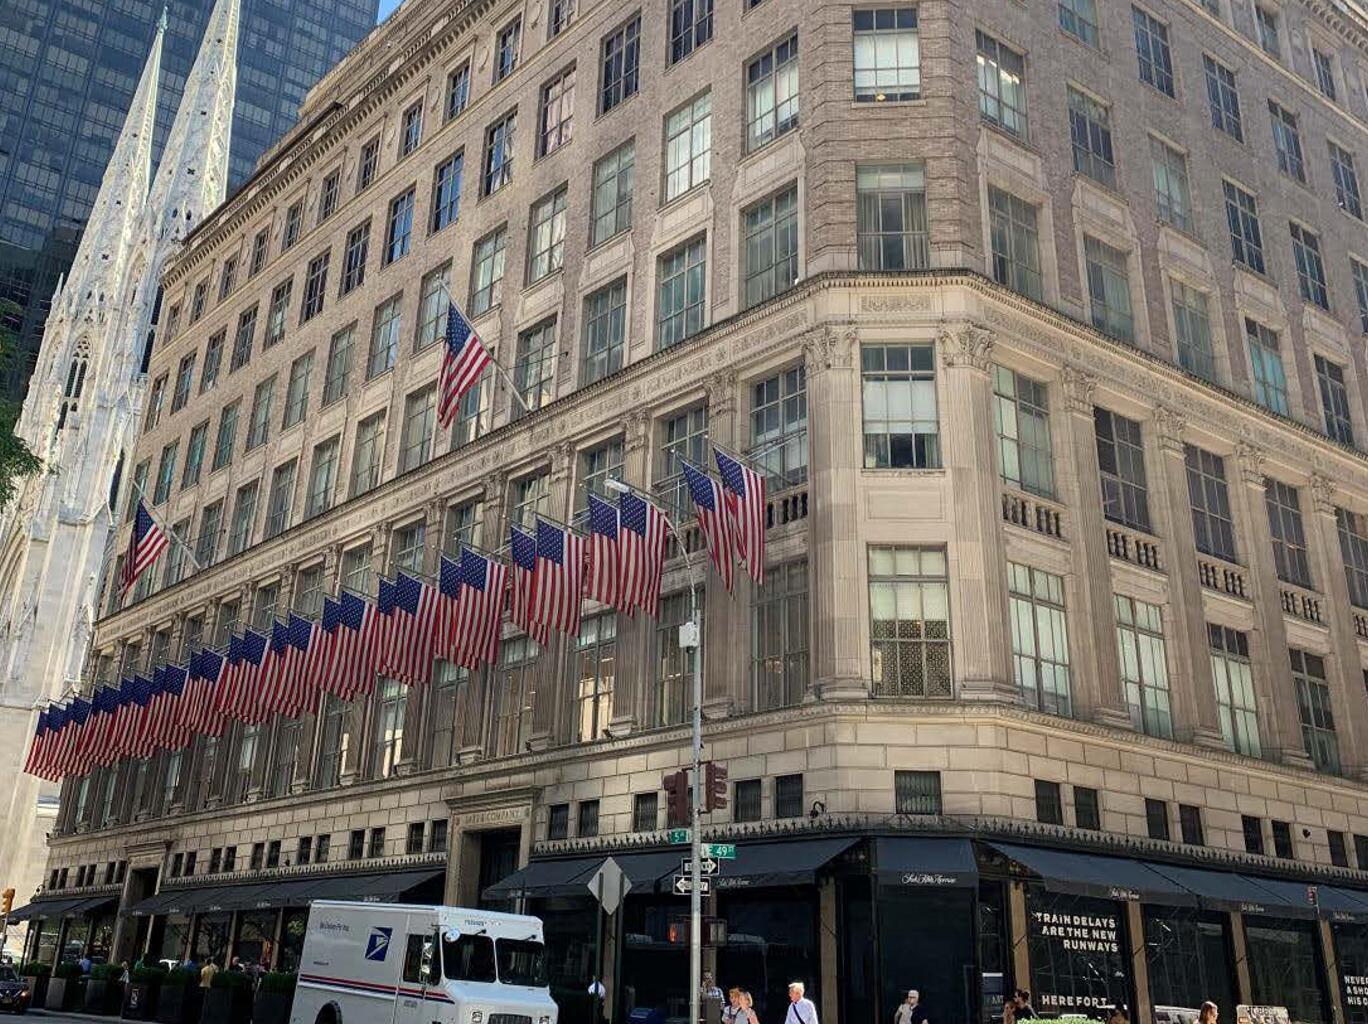 纽约Saks Fifth Avenue旗舰店房产最新估值16亿美元,相比五年前缩水近60%